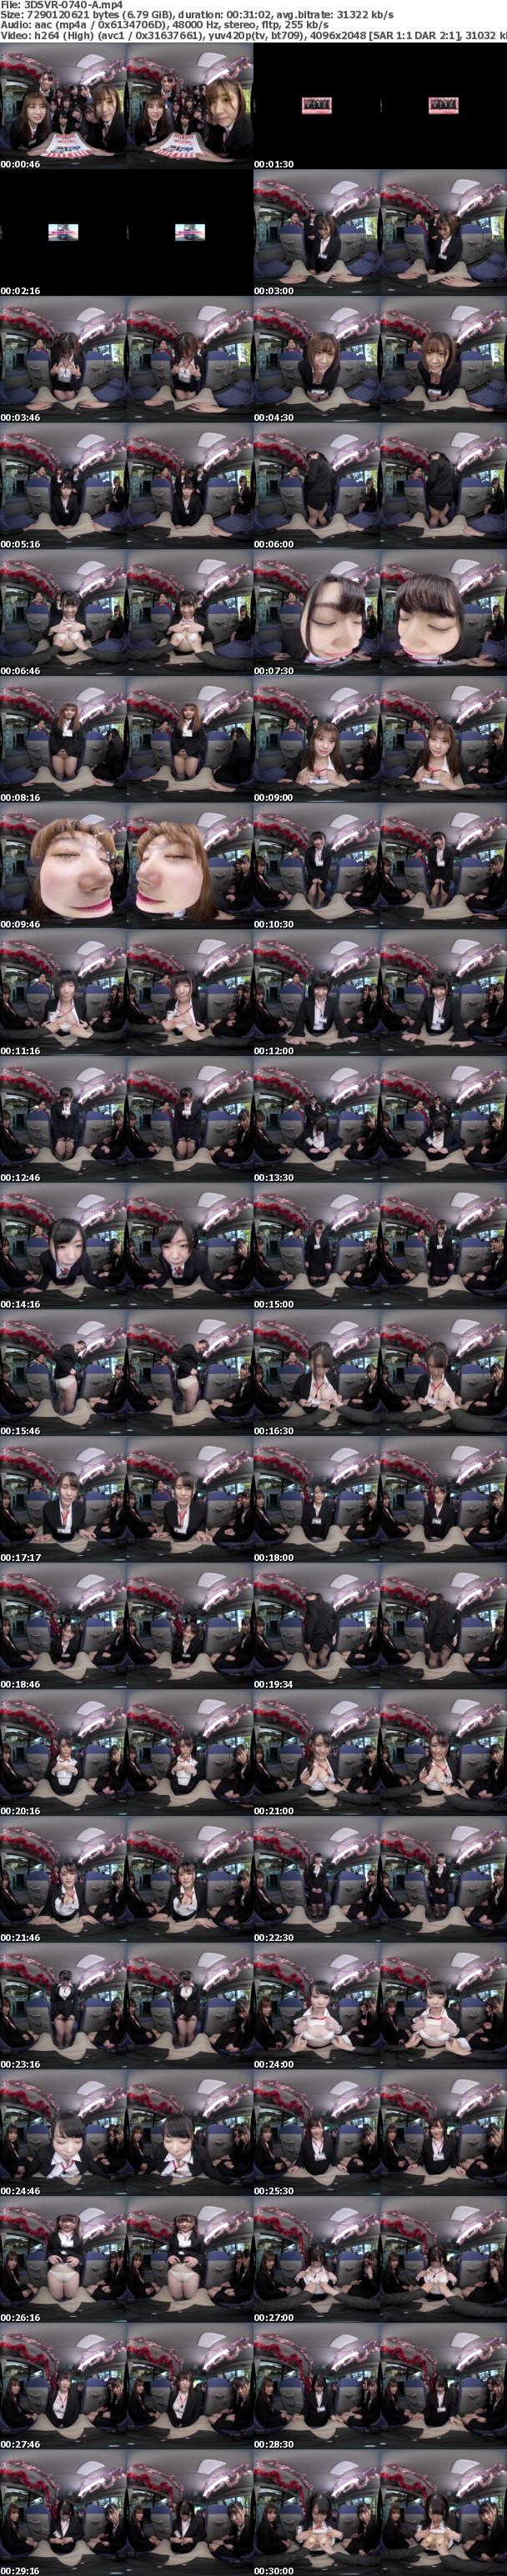 3DSVR-0740-A-screenshot